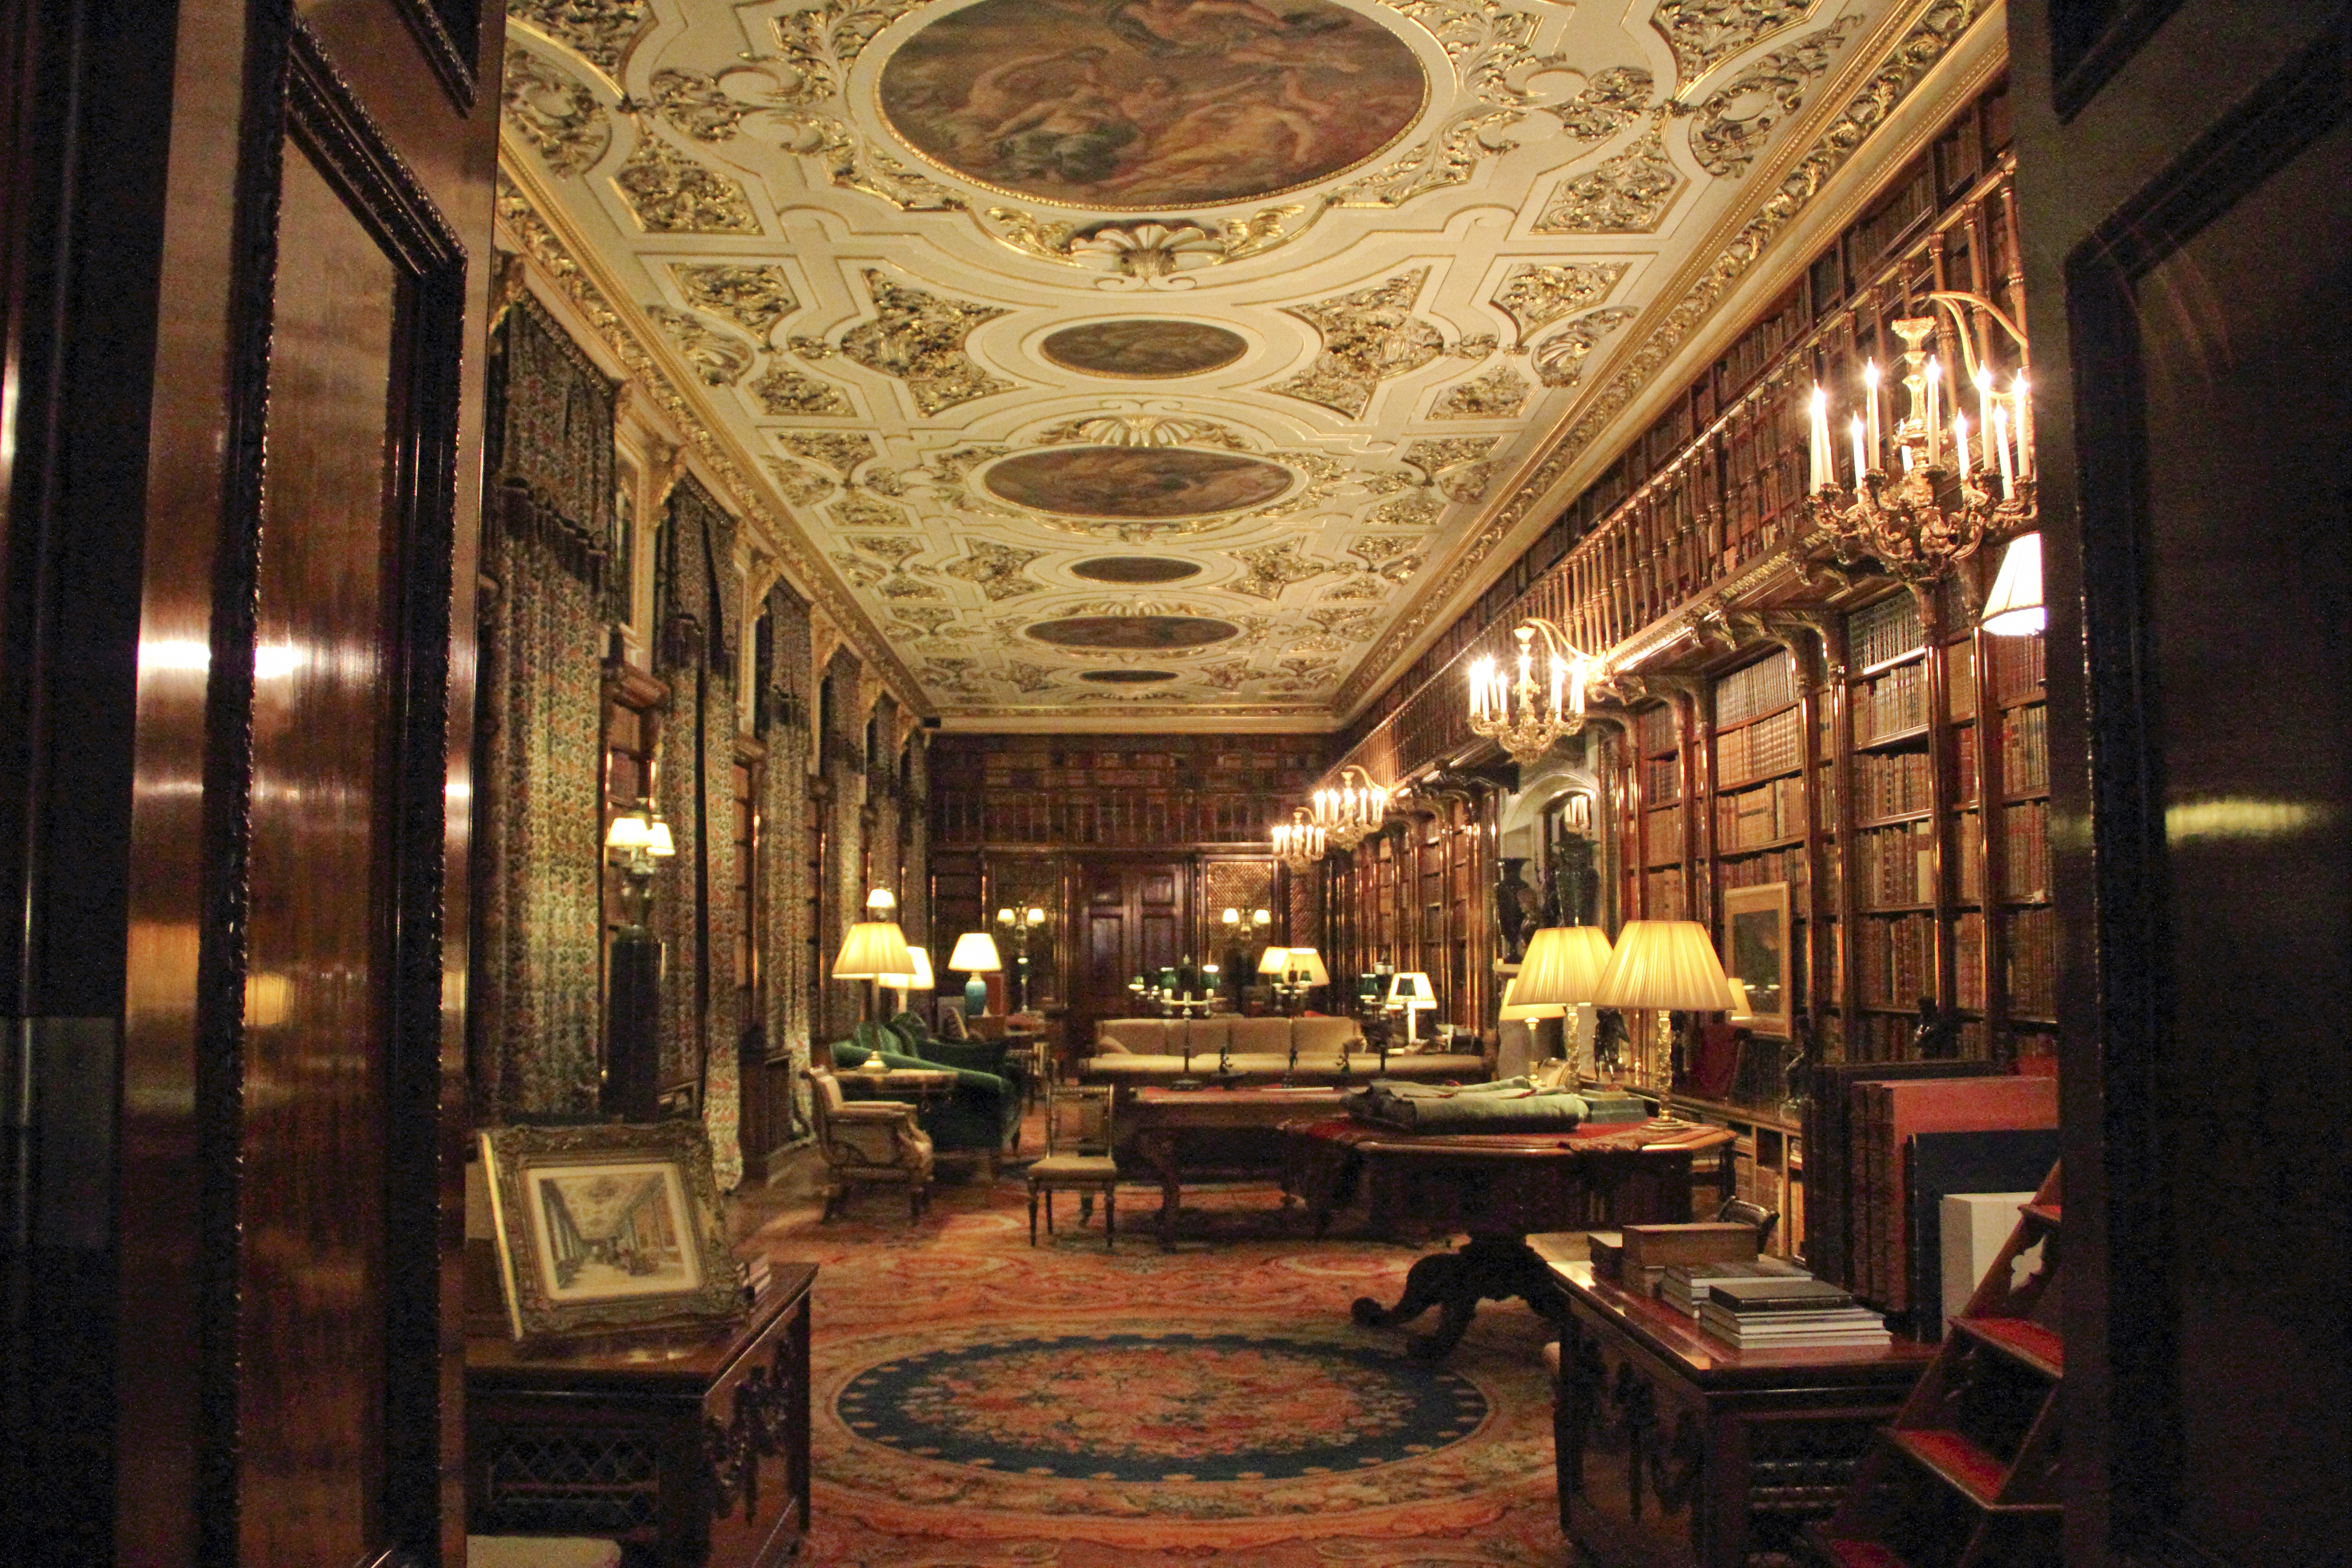 Chatsworth-ház – Wikipédia